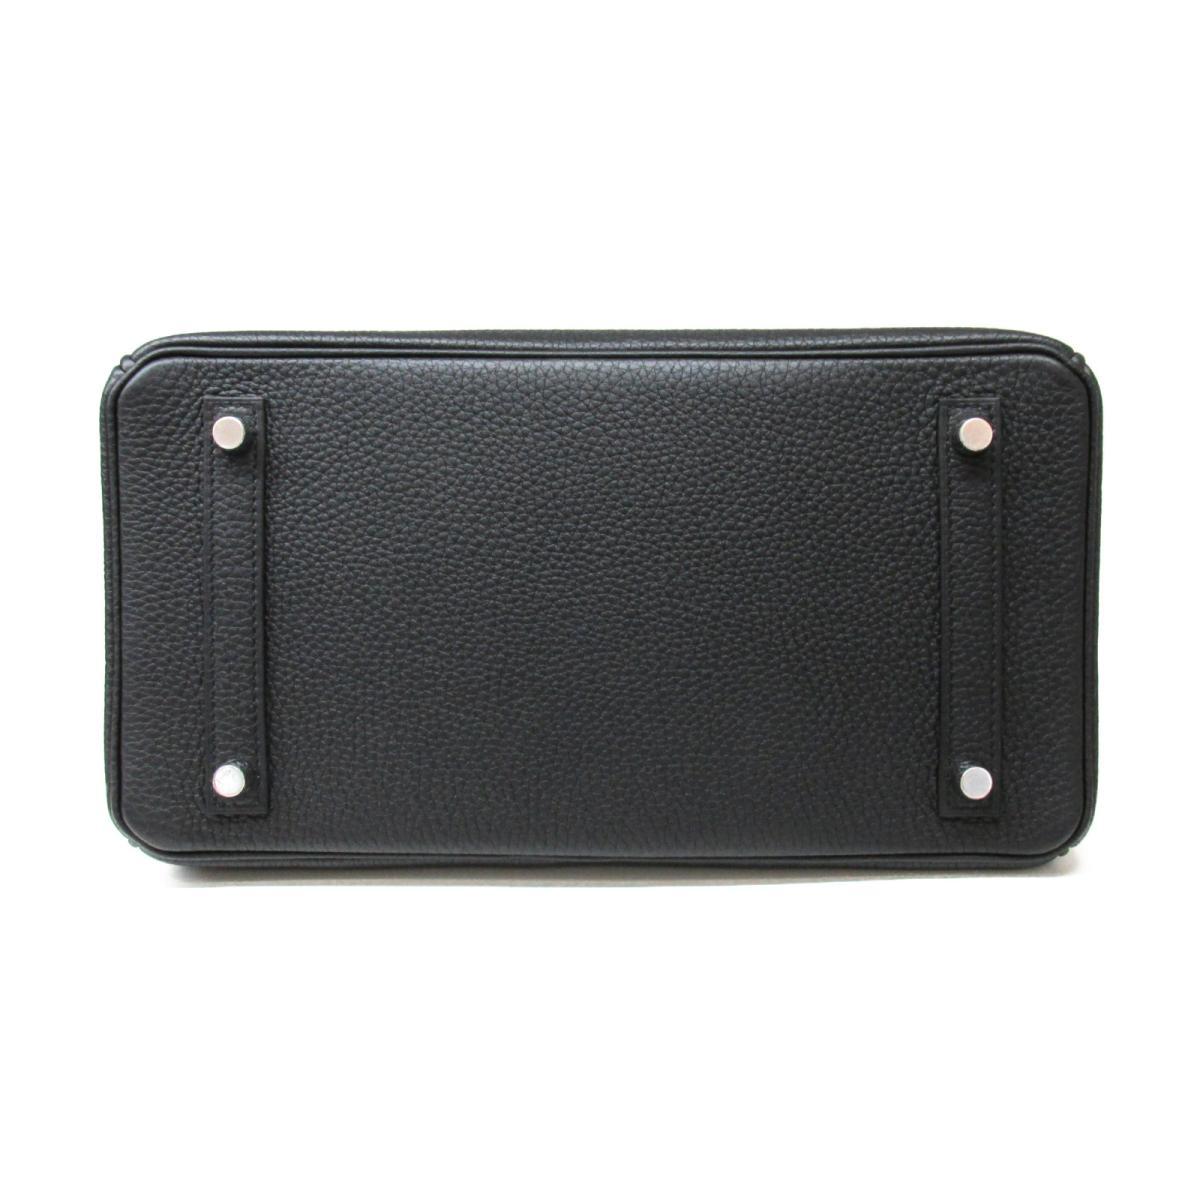 エルメス バーキン30 ハンドバッグ バッグ レディース トゴ ブラック (金具:シルバー) | HERMES BRANDOFF ブランドオフ ブランド ブランドバッグ バック ハンドバック ハンド